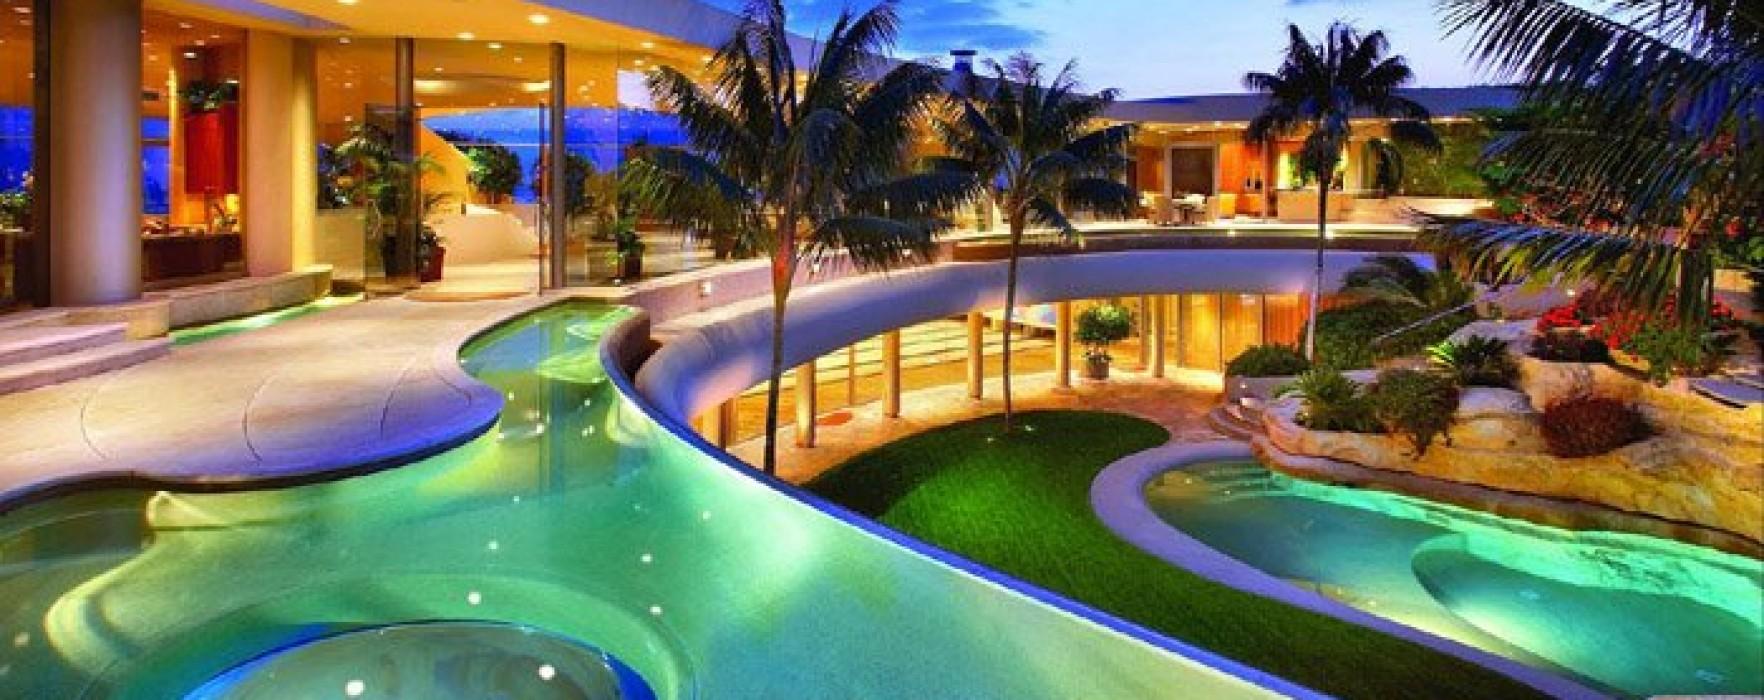 Top line le case in legno di lusso for Immagini di case di lusso